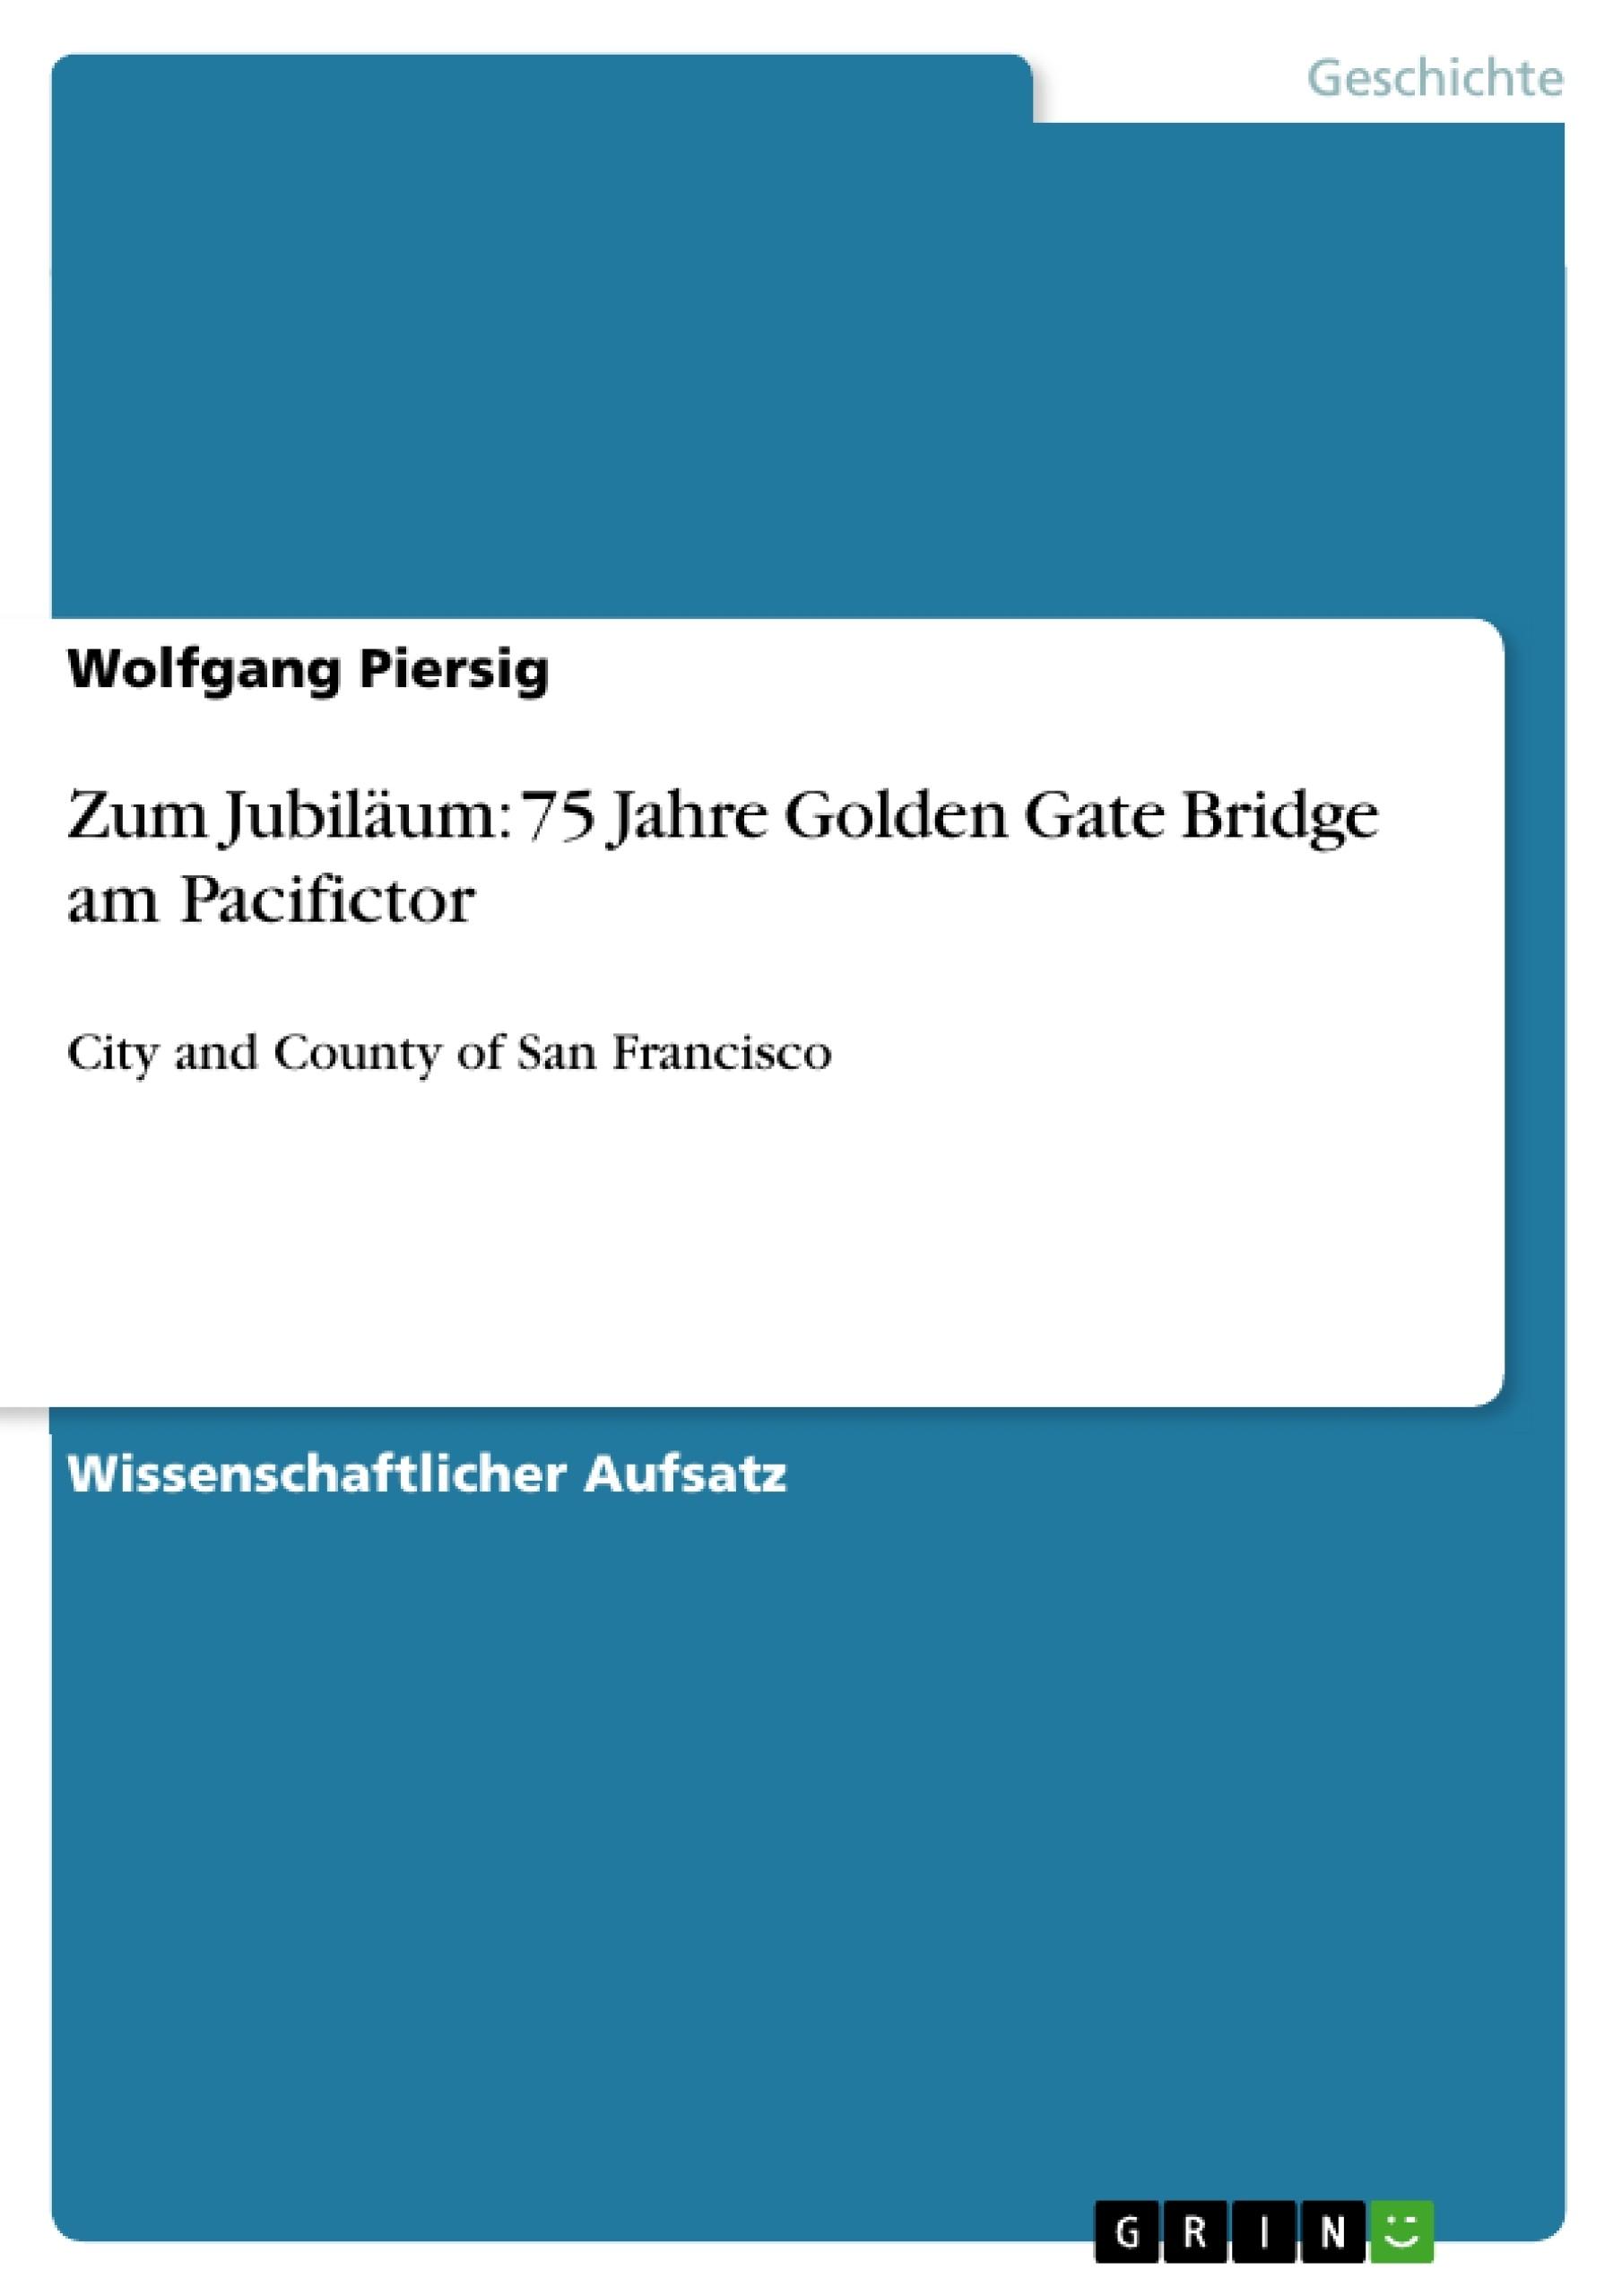 Titel: Zum Jubiläum: 75 Jahre Golden Gate Bridge am Pacifictor